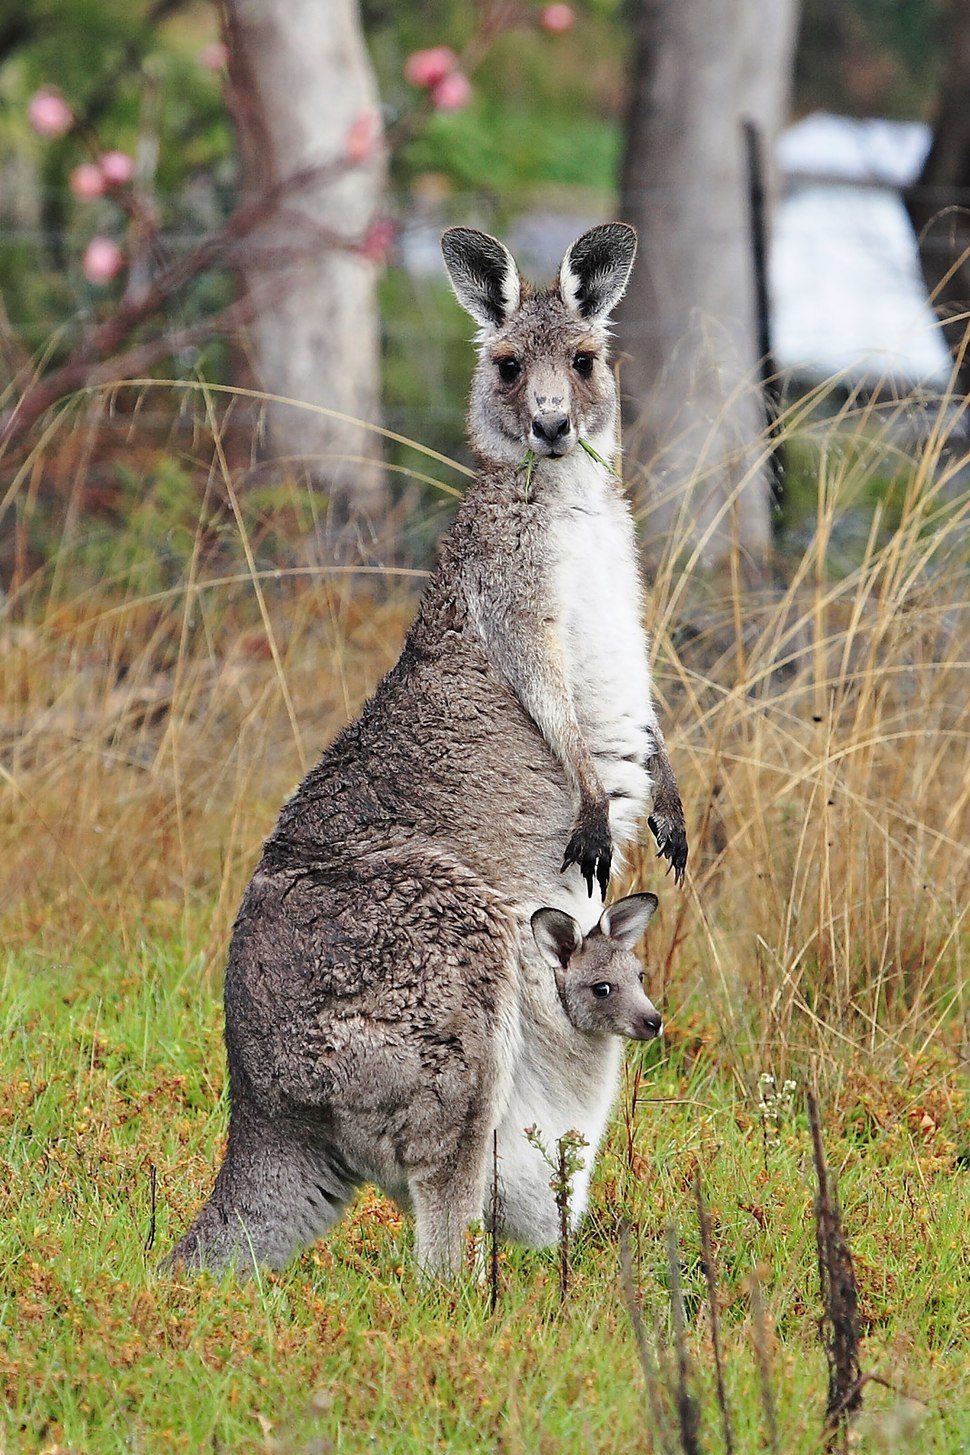 Kangaroo and joey03